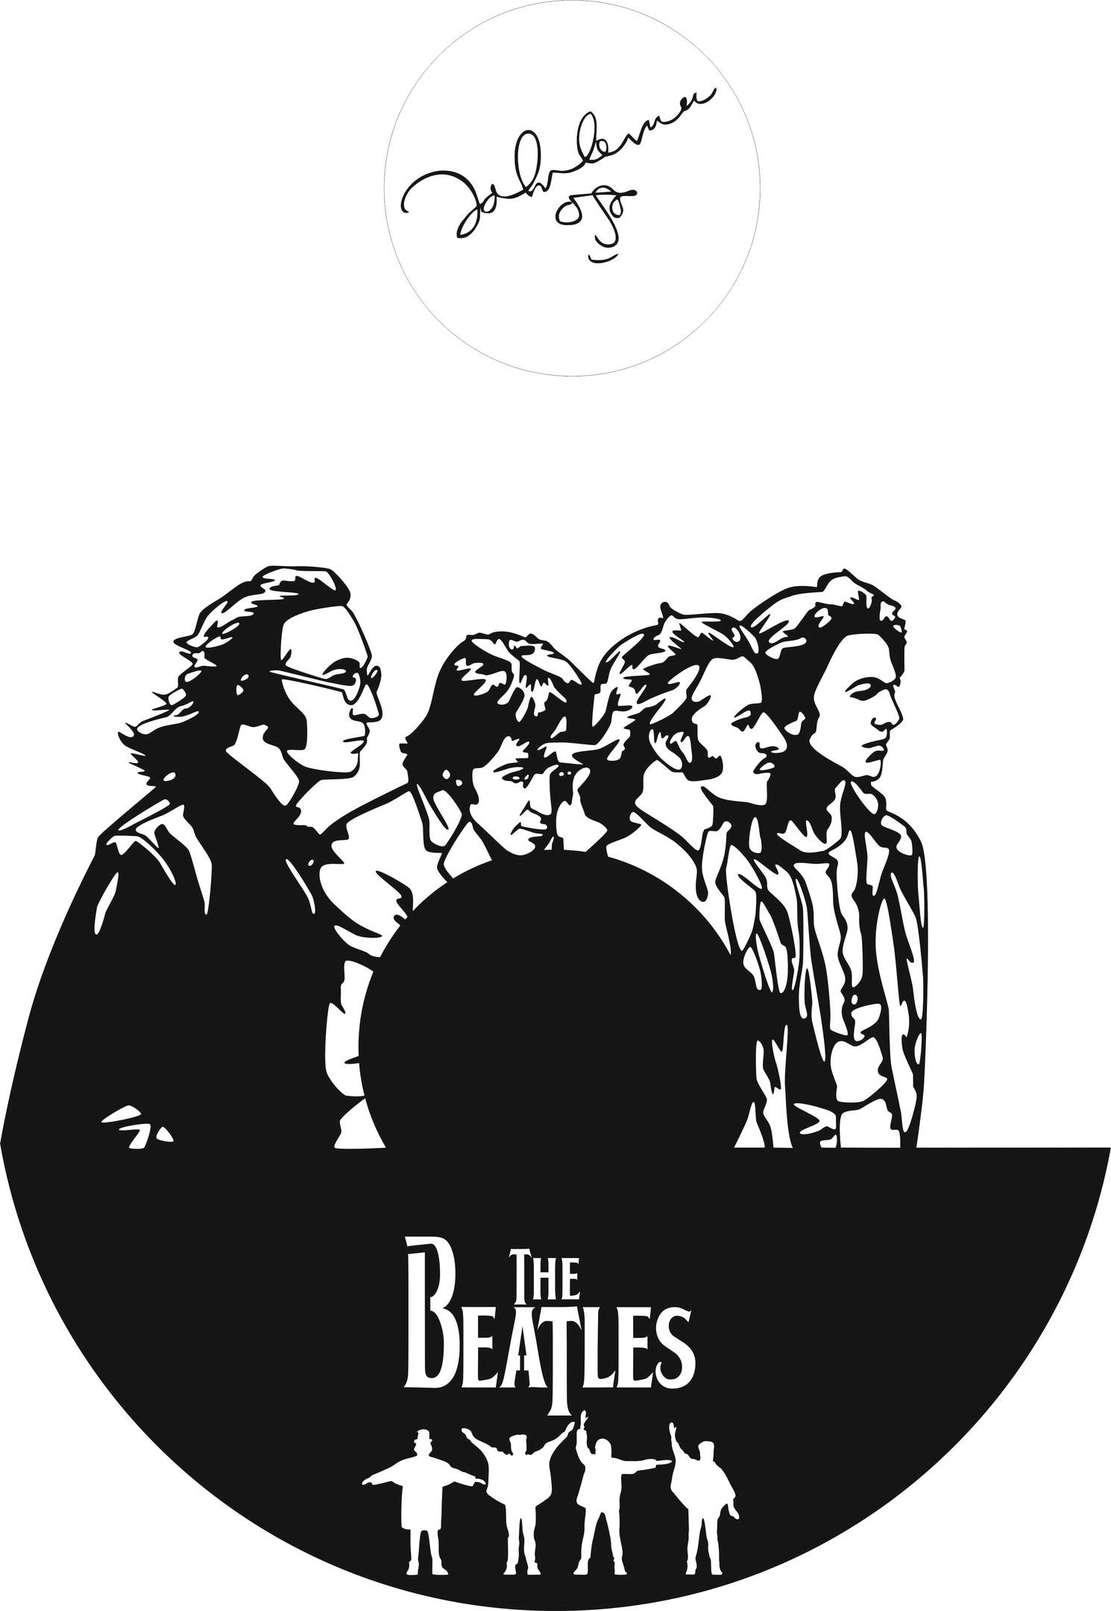 Laser Cut The Beatles Clock Templates Free CDR Vectors Art